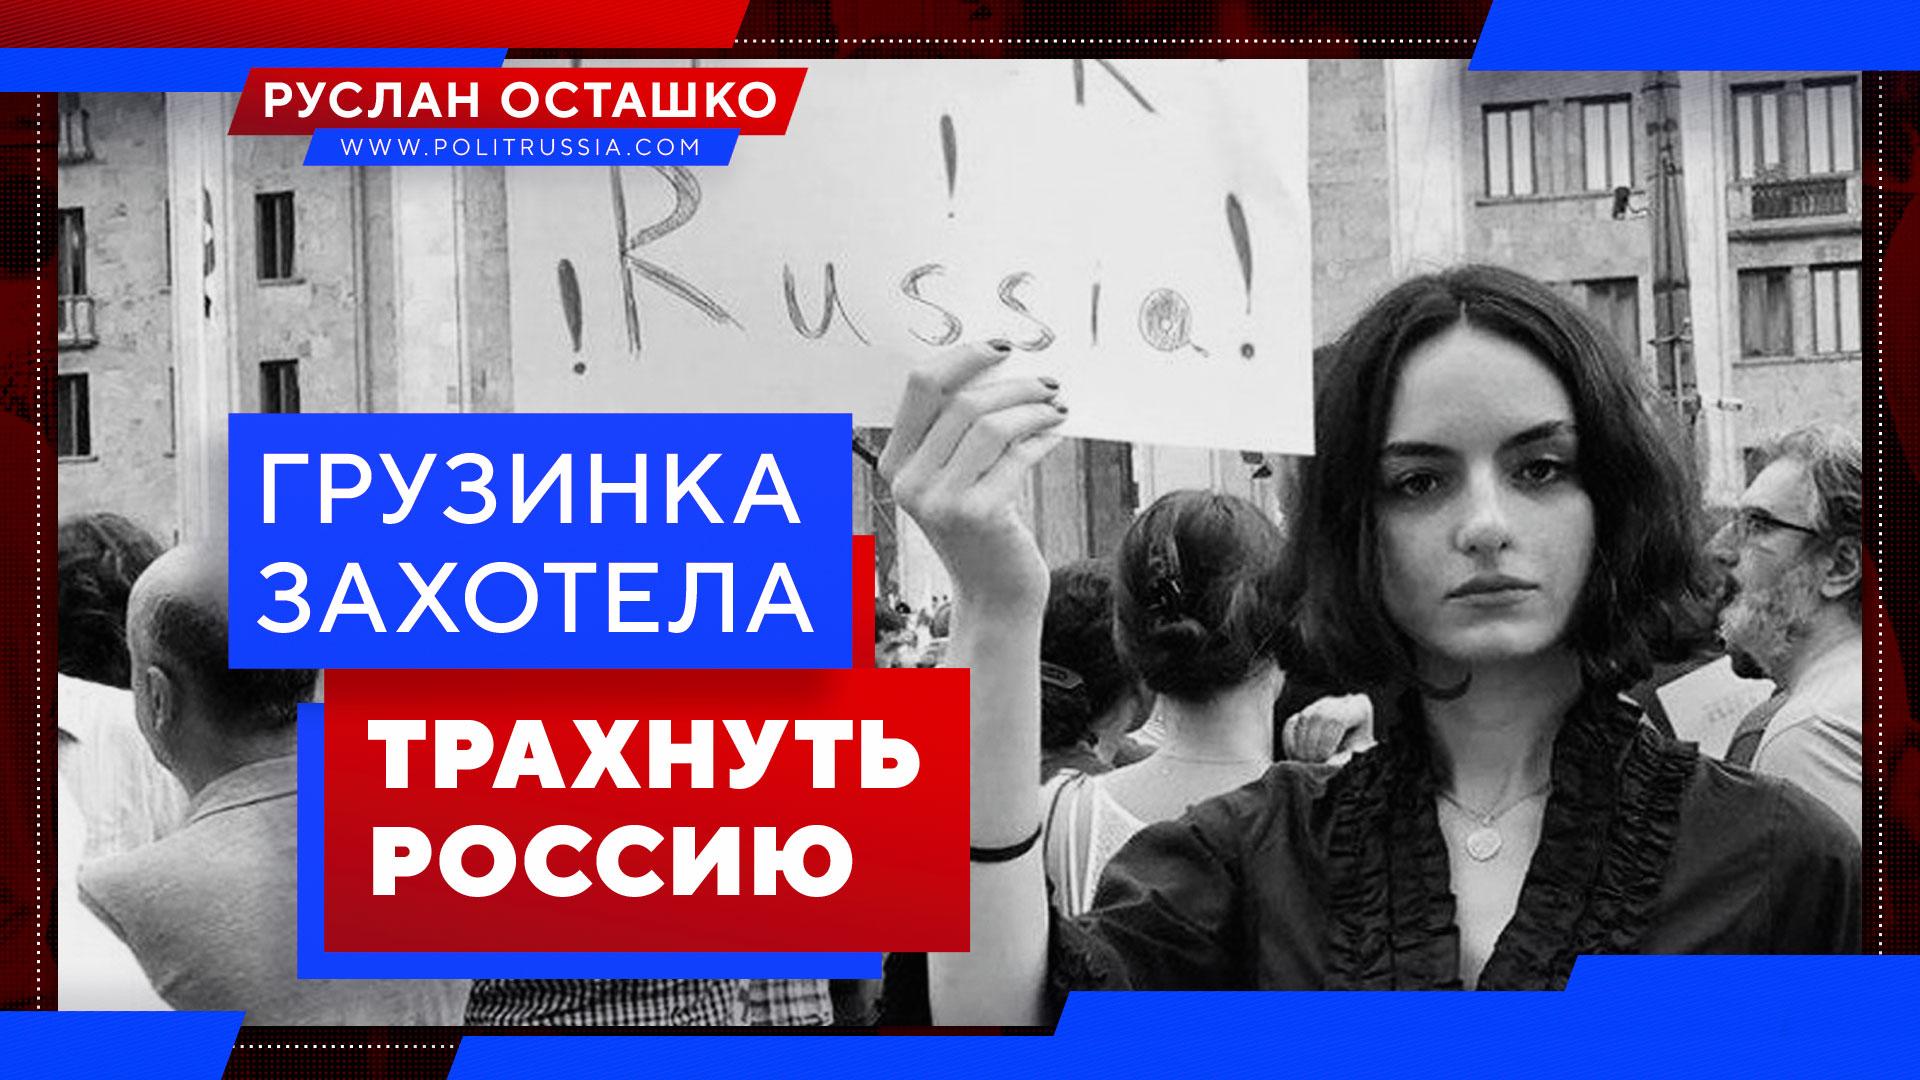 Грузинка захотела трахнуть Россию